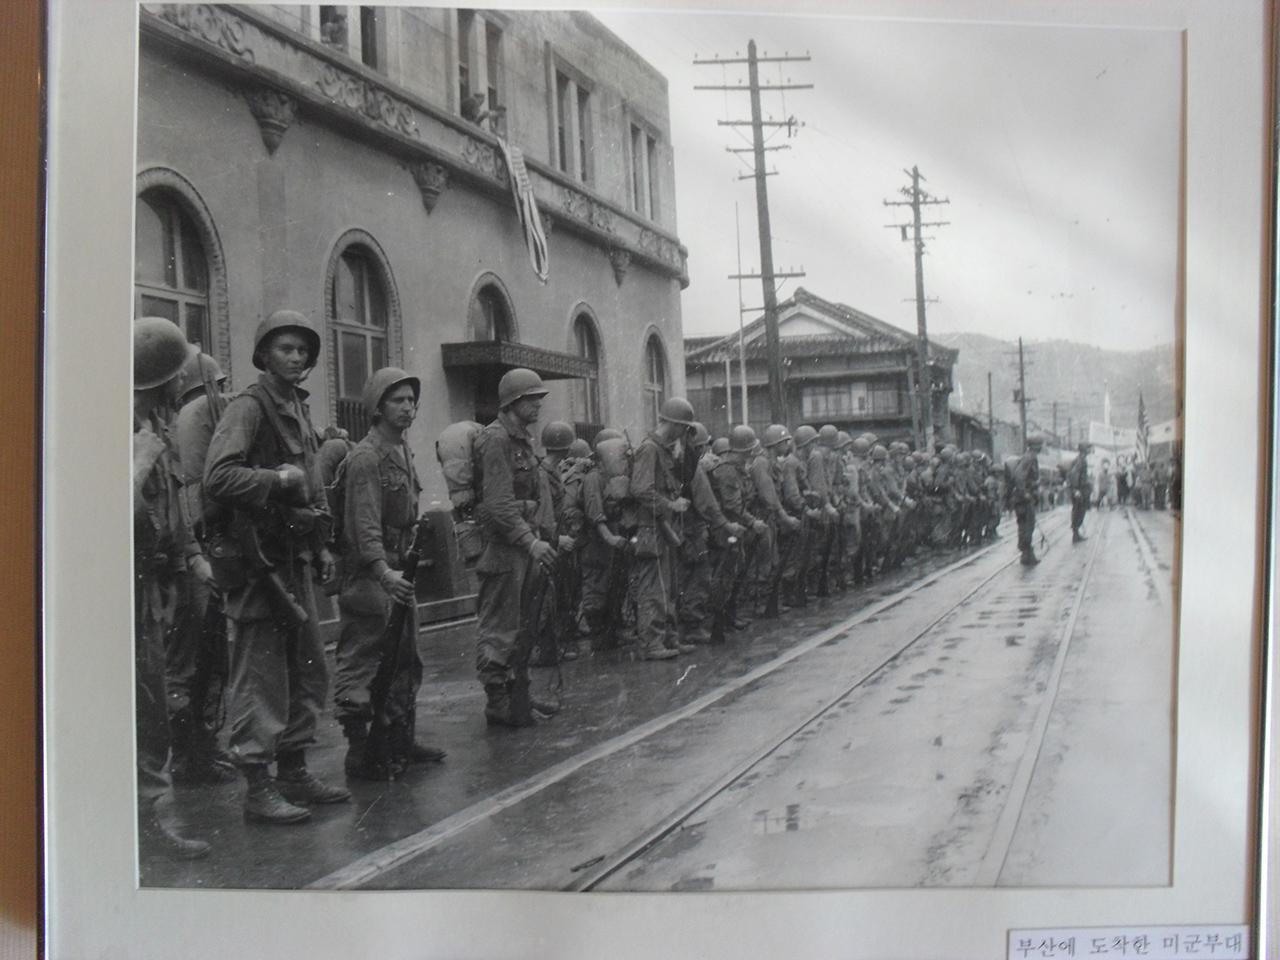 미국이 제3단계에 진입한 지 얼마 뒤인 1950년 부산 시내에 상륙한 미군. 부산시 서구 부민동의 임시수도기념관에서 찍은 사진.